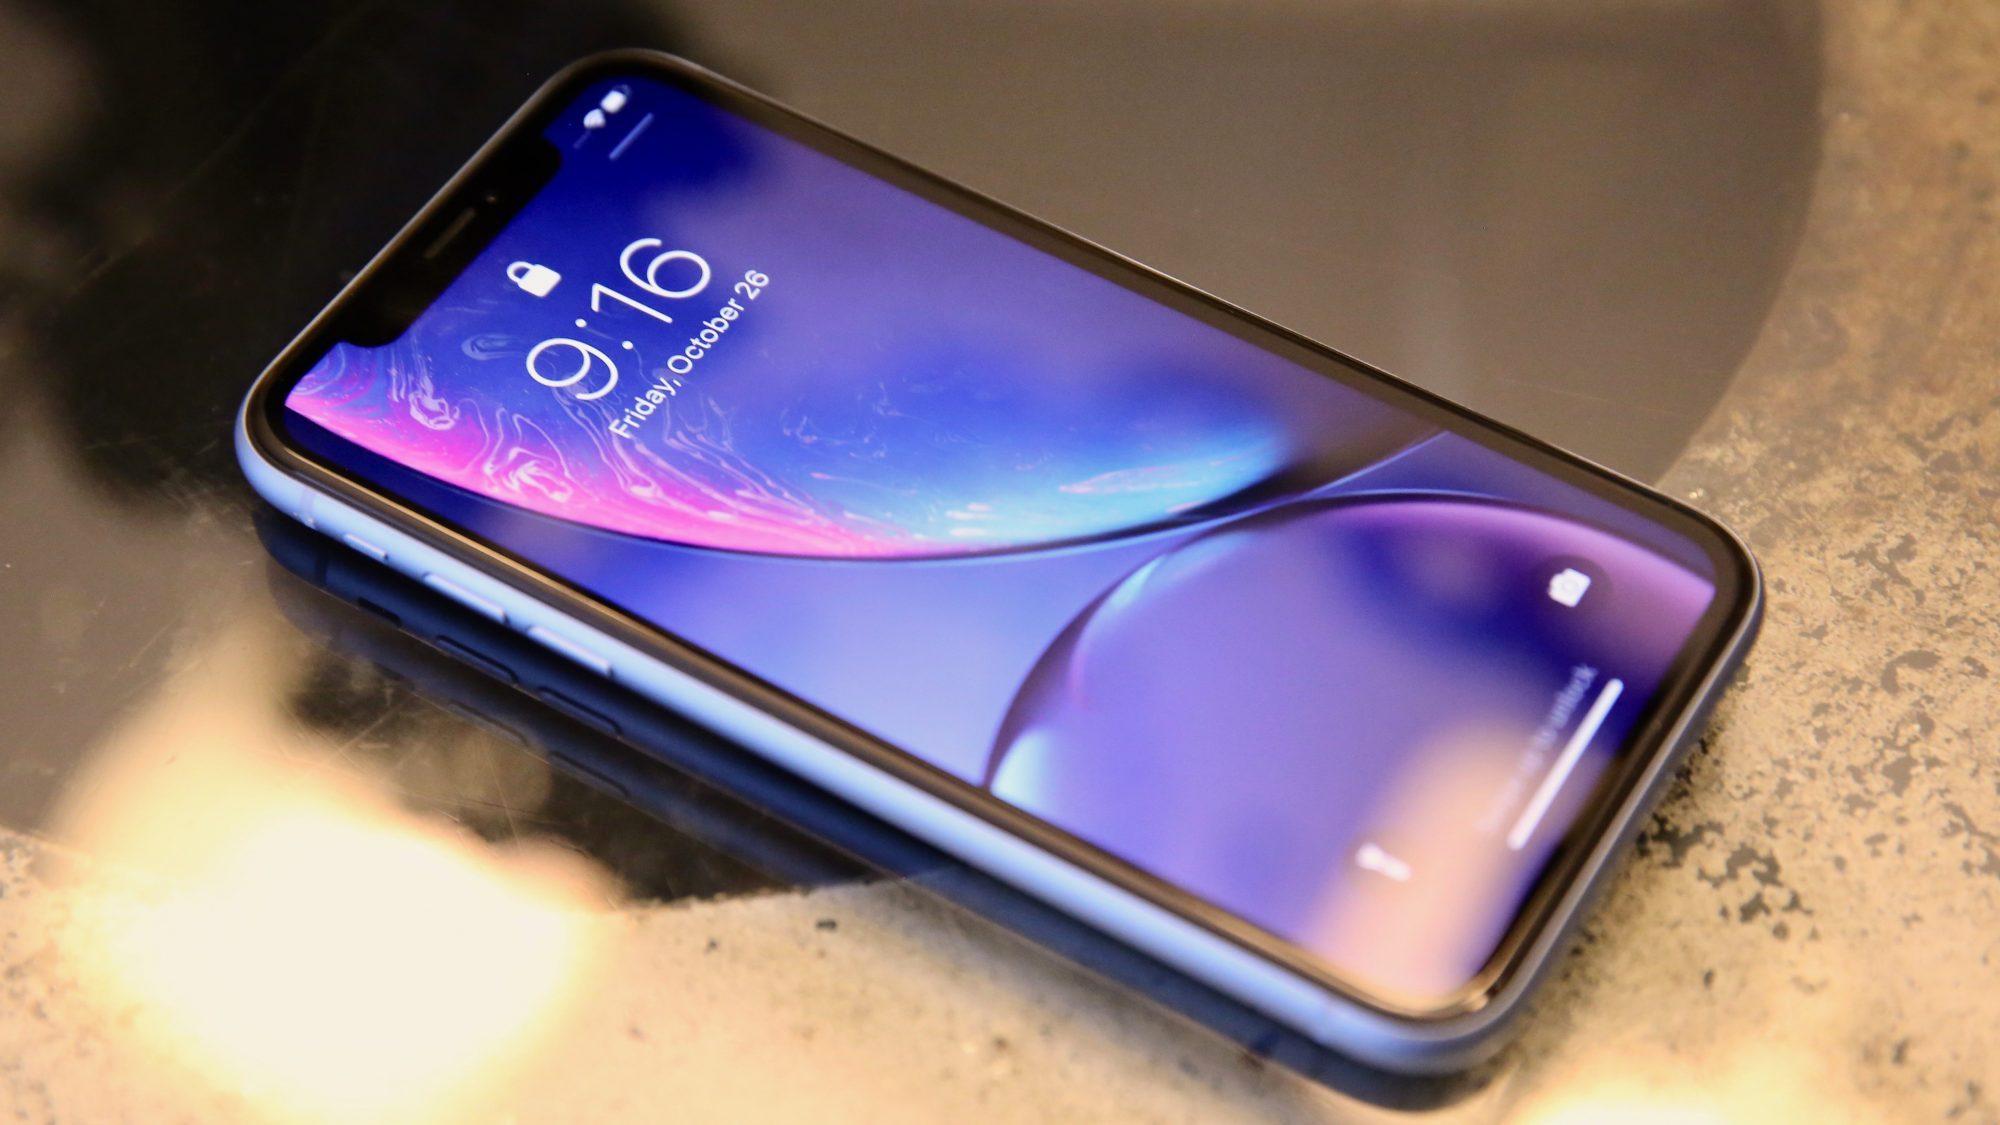 iPhone XR получил обновление iOS 14.5.1 и стал работать быстрее новых iPhone 11 и 12